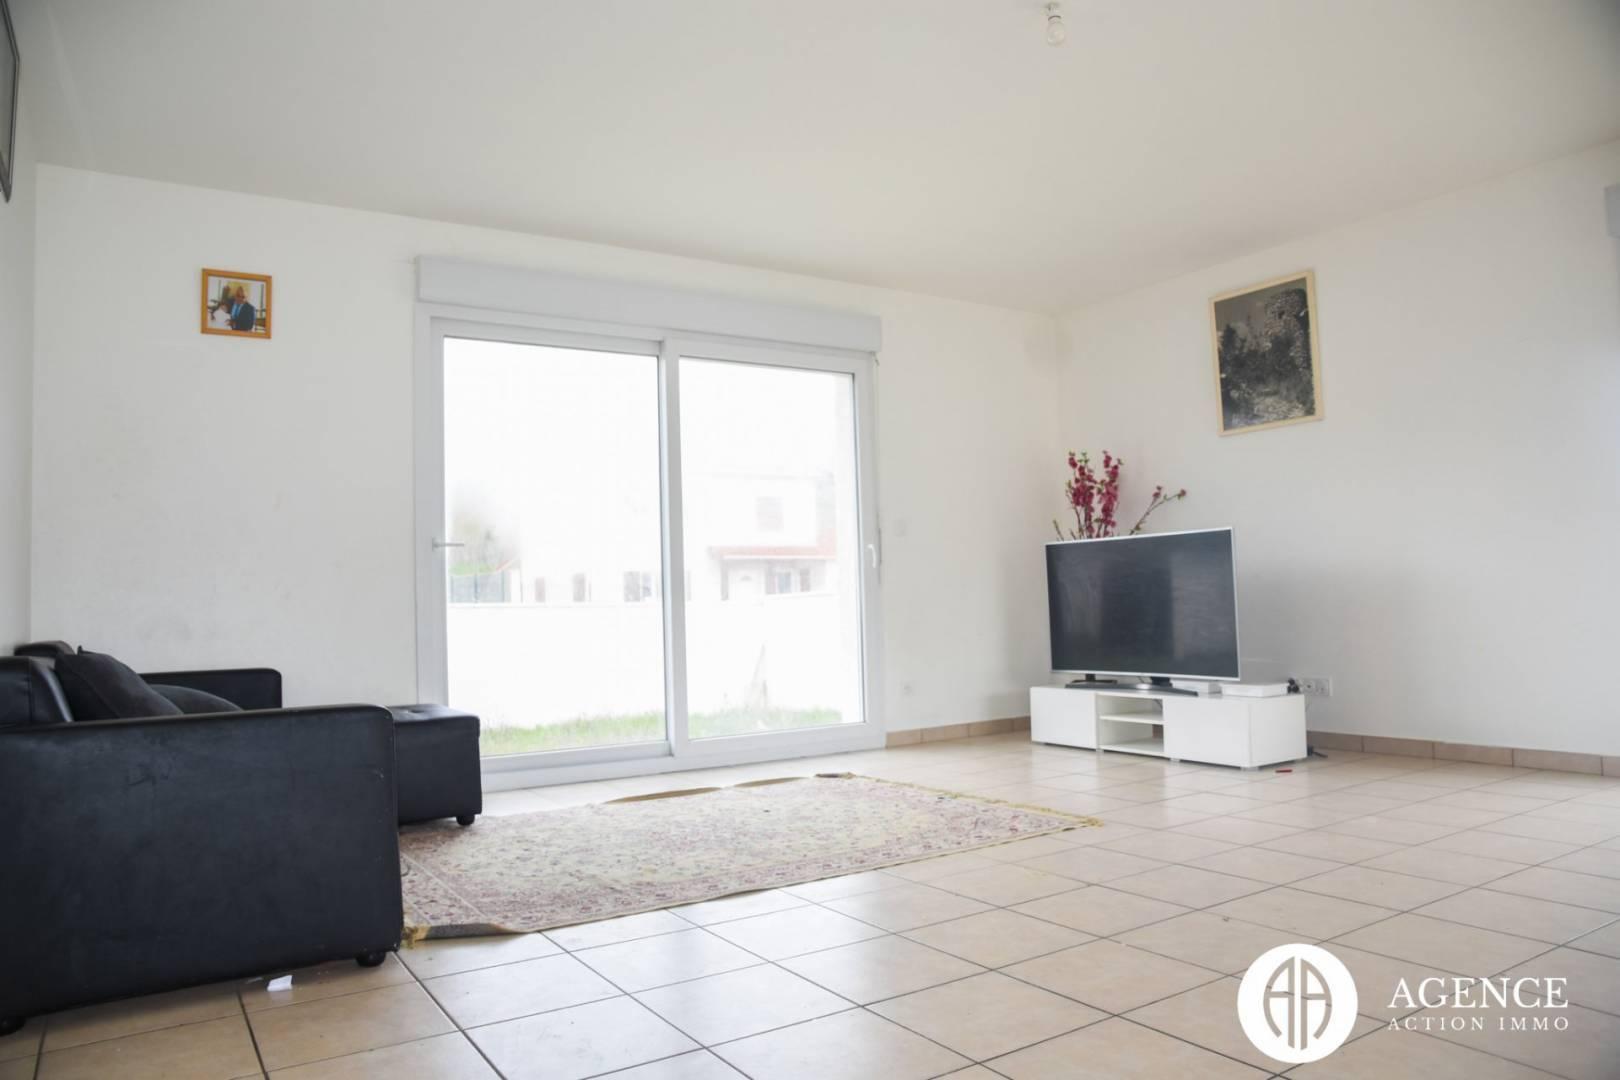 Vente Maison Saint-Rambert-d'Albon